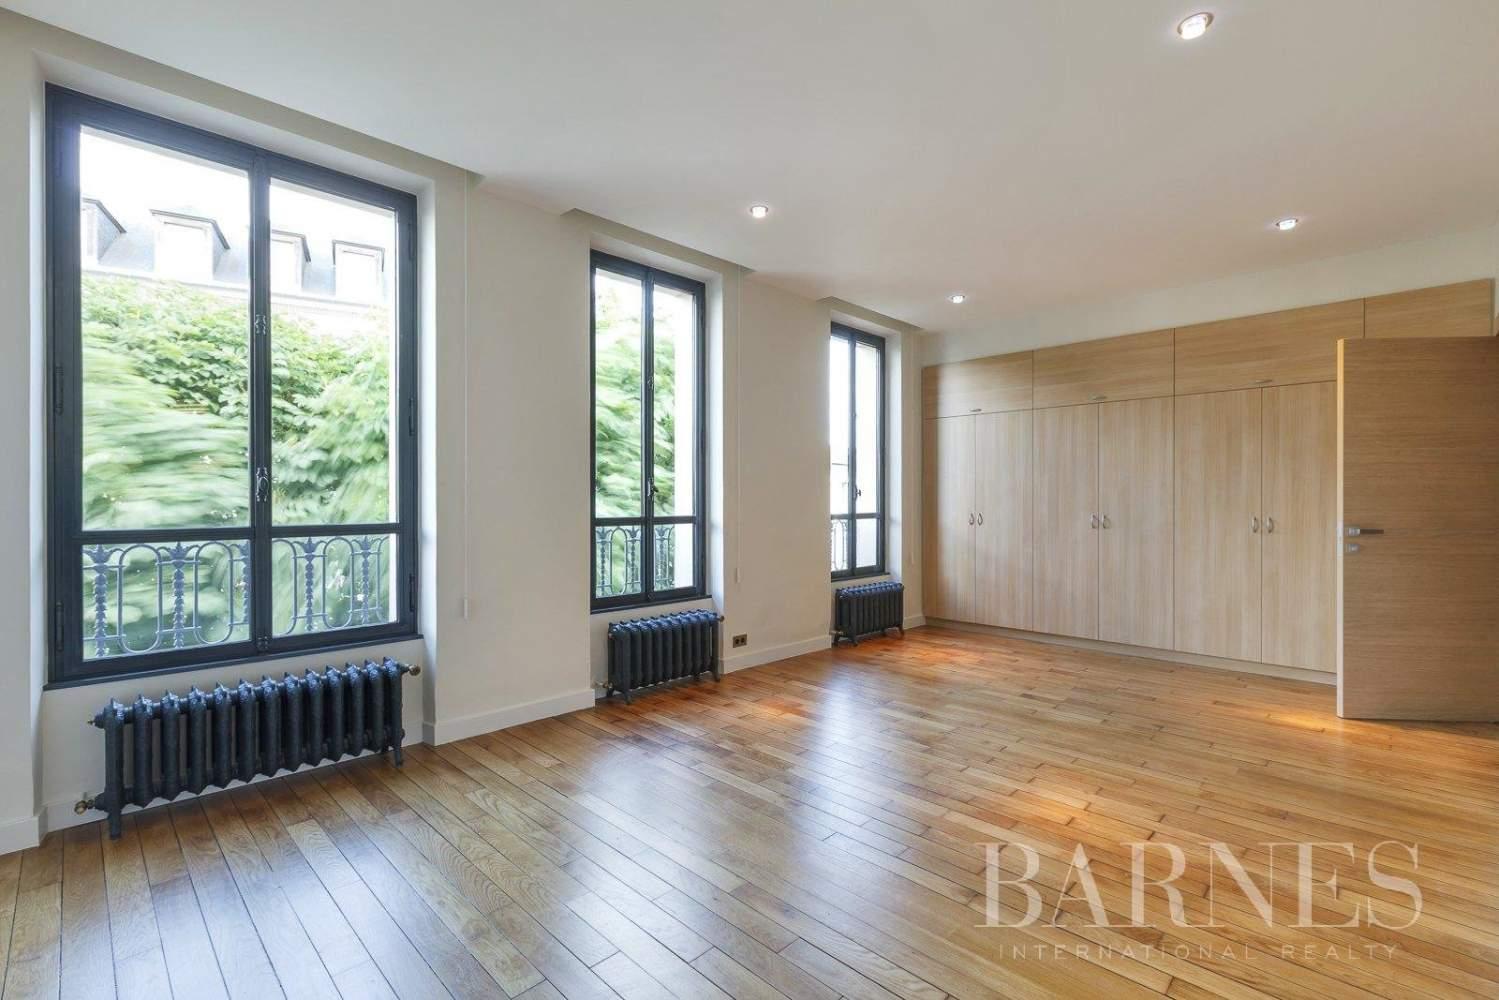 Saint-Germain-en-Laye  - Appartement 8 Pièces 6 Chambres - picture 7